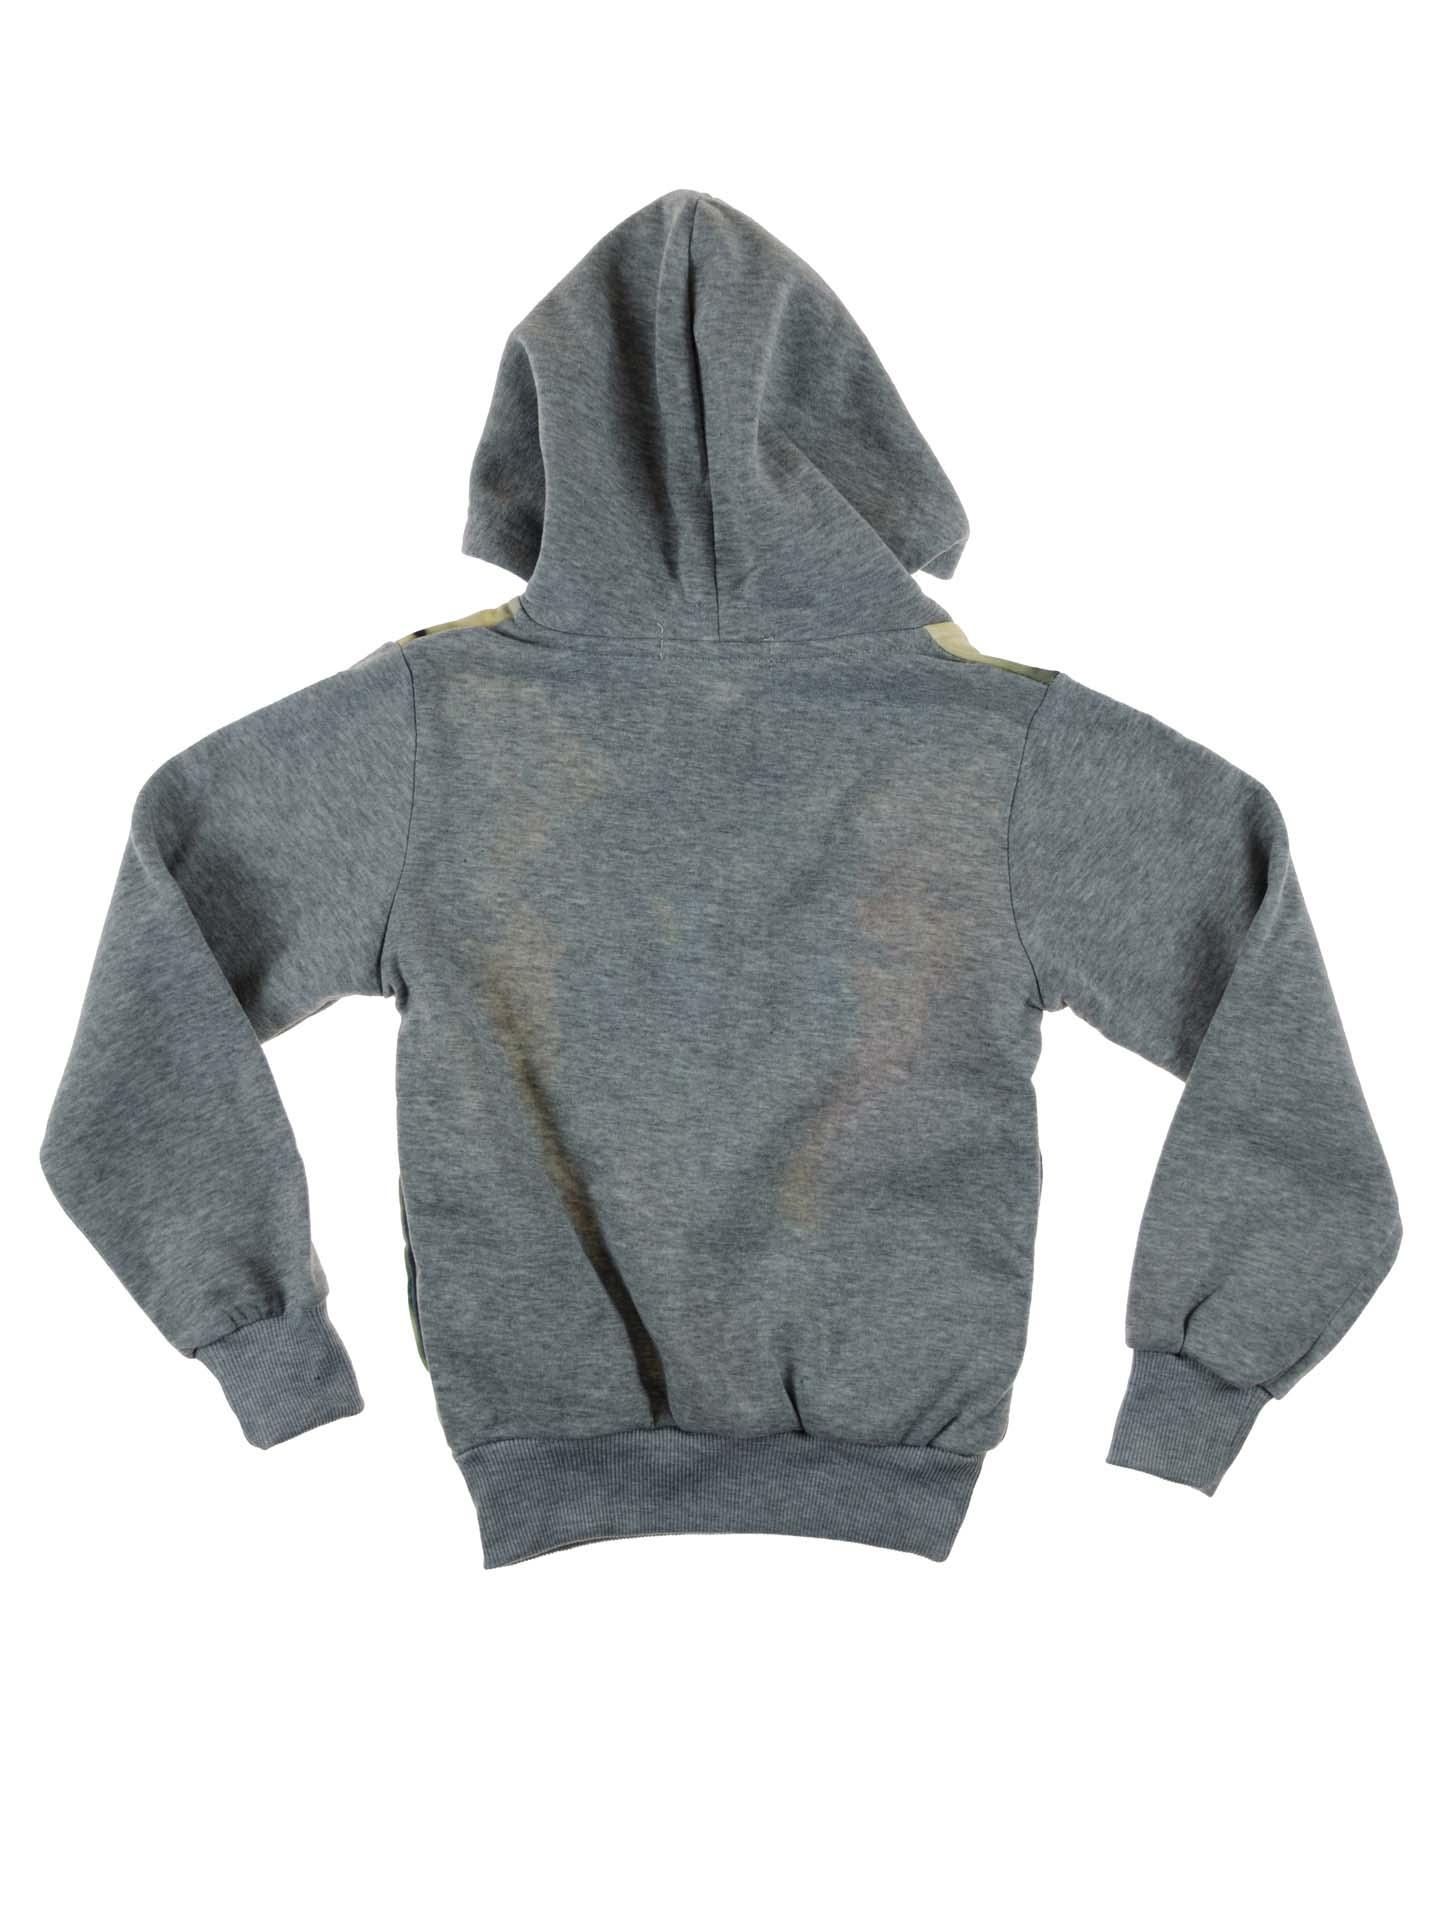 397c162841de06 Купити Теплий спортивний костюм | Top Shelf | Інтернет-магазин ...